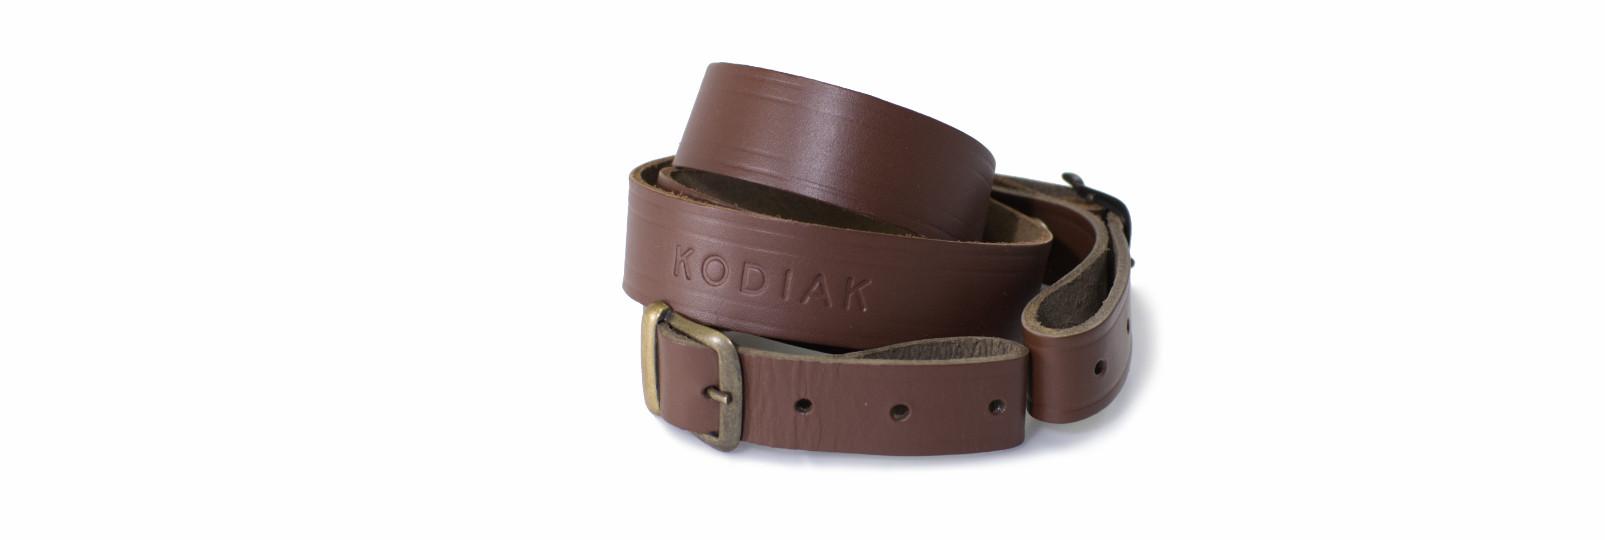 Kodiak sling